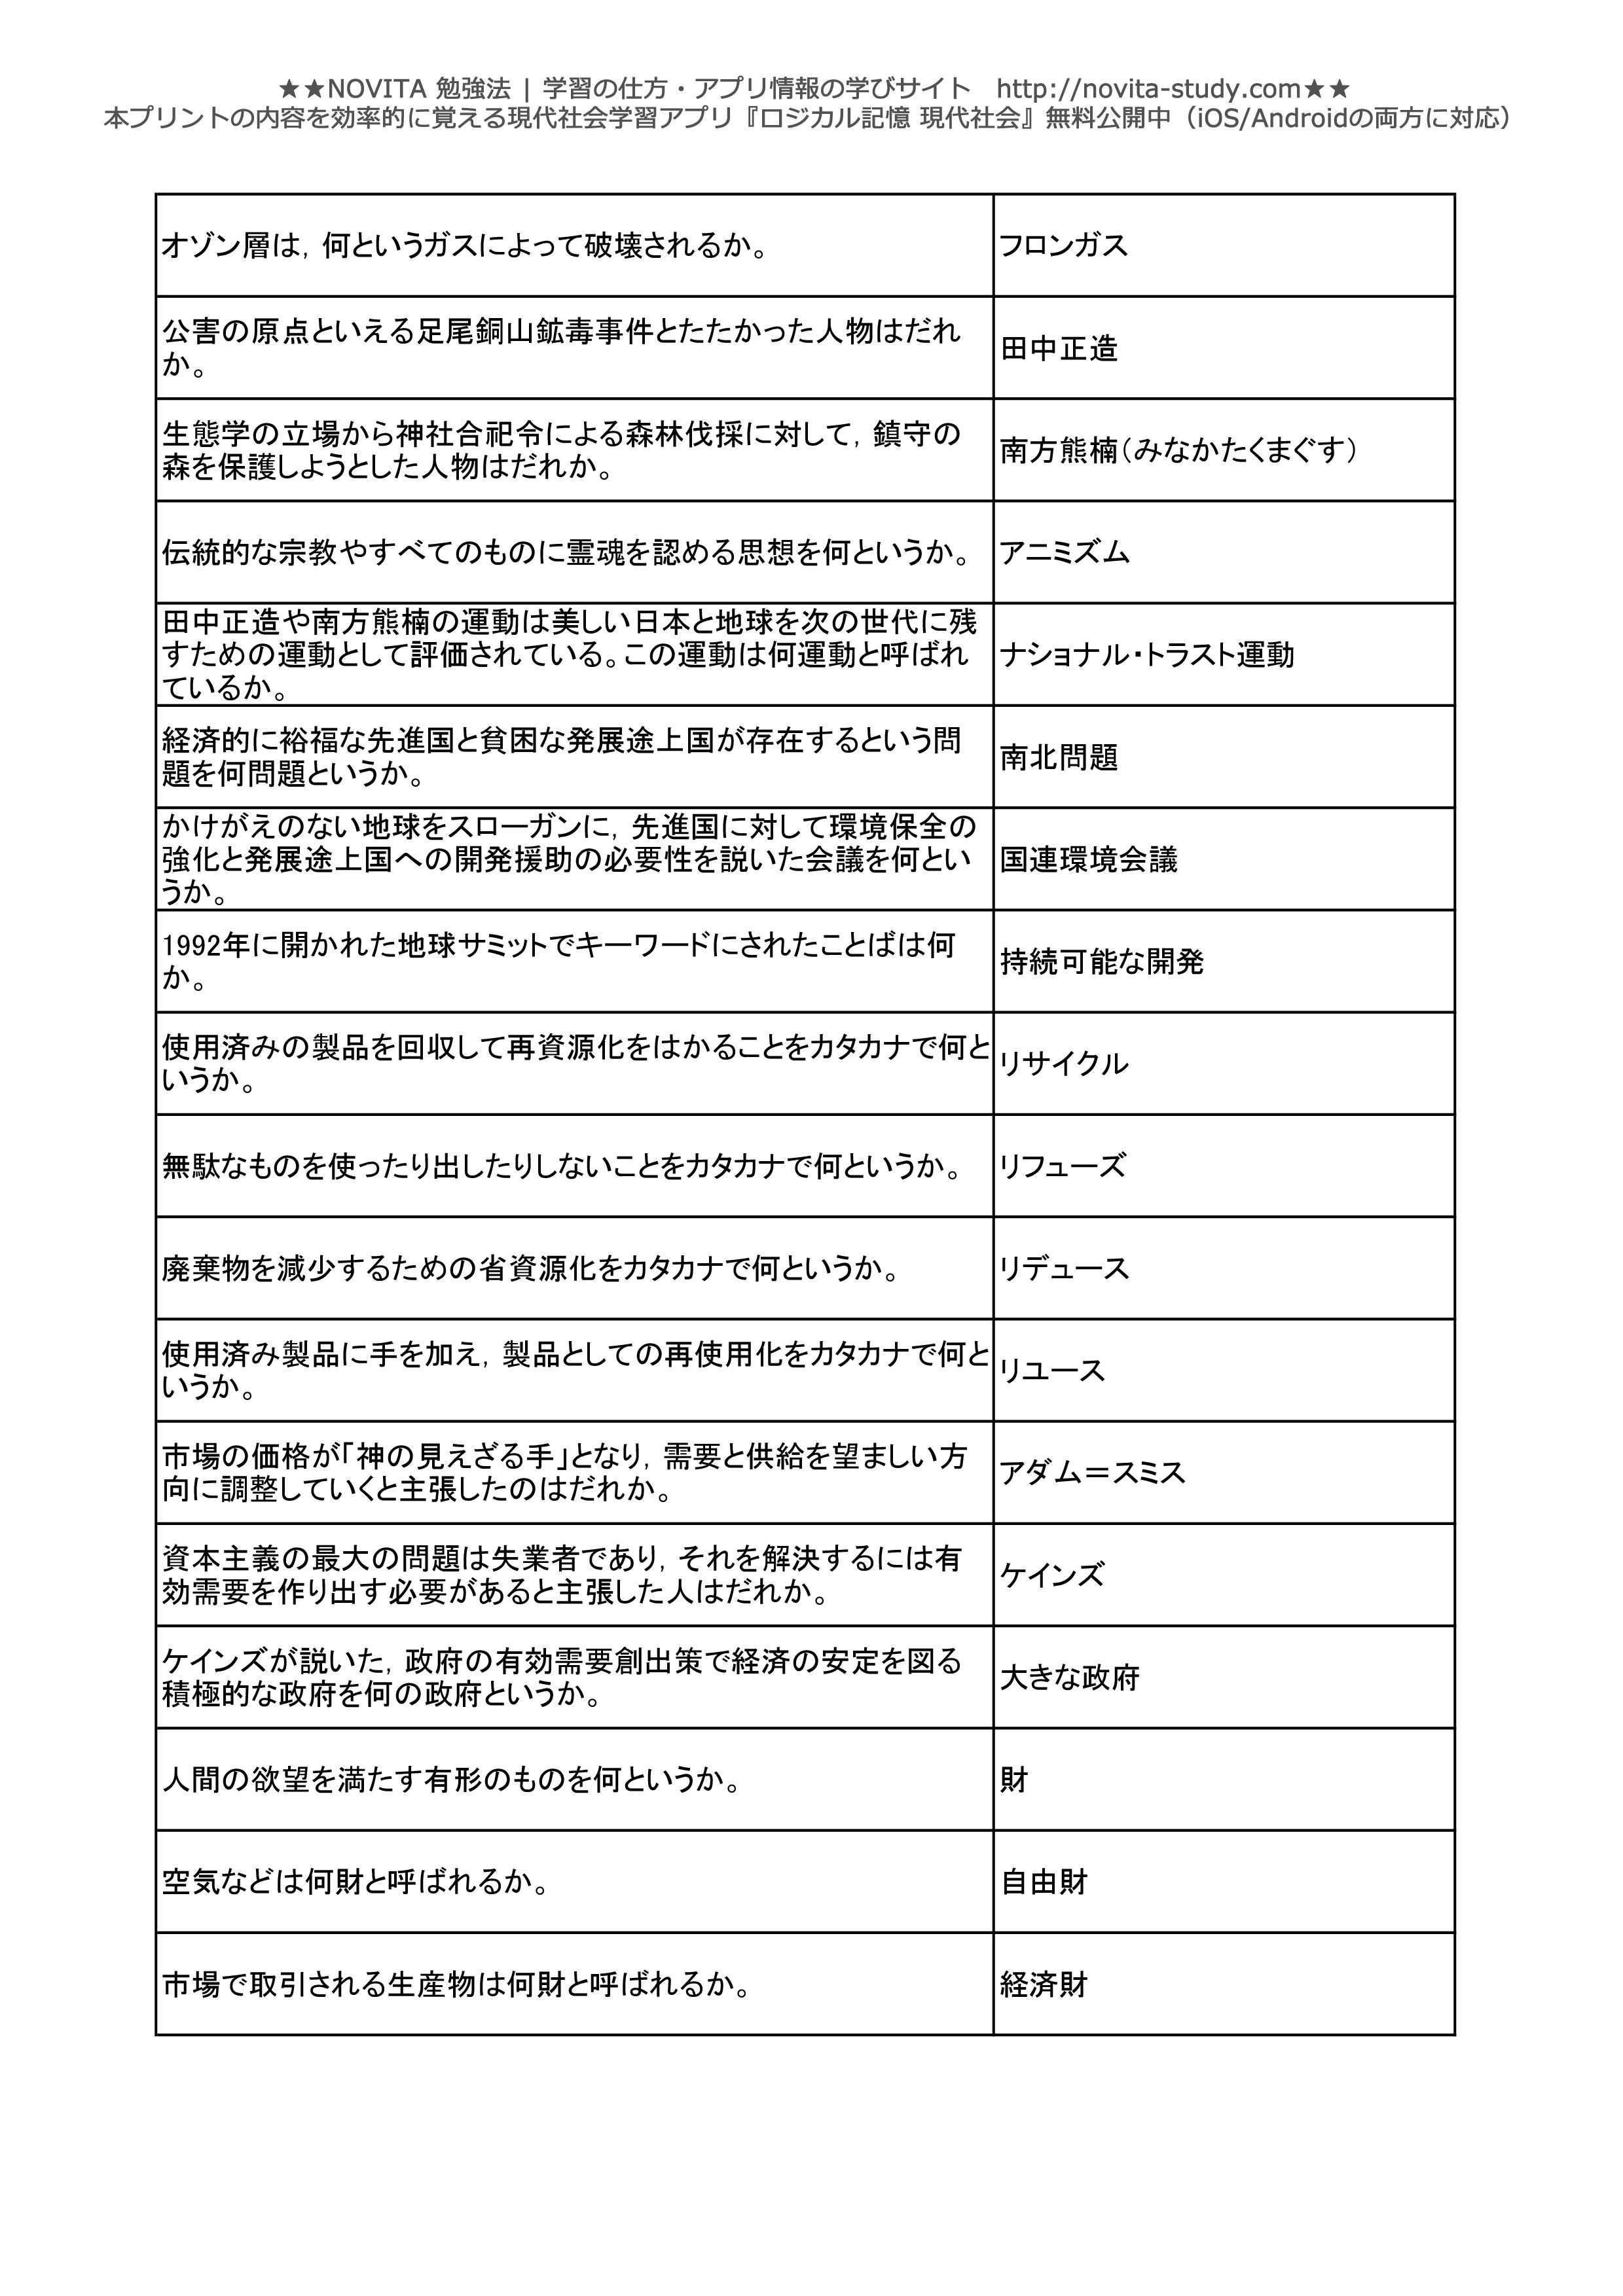 現代社会一問一答無料問題集-018